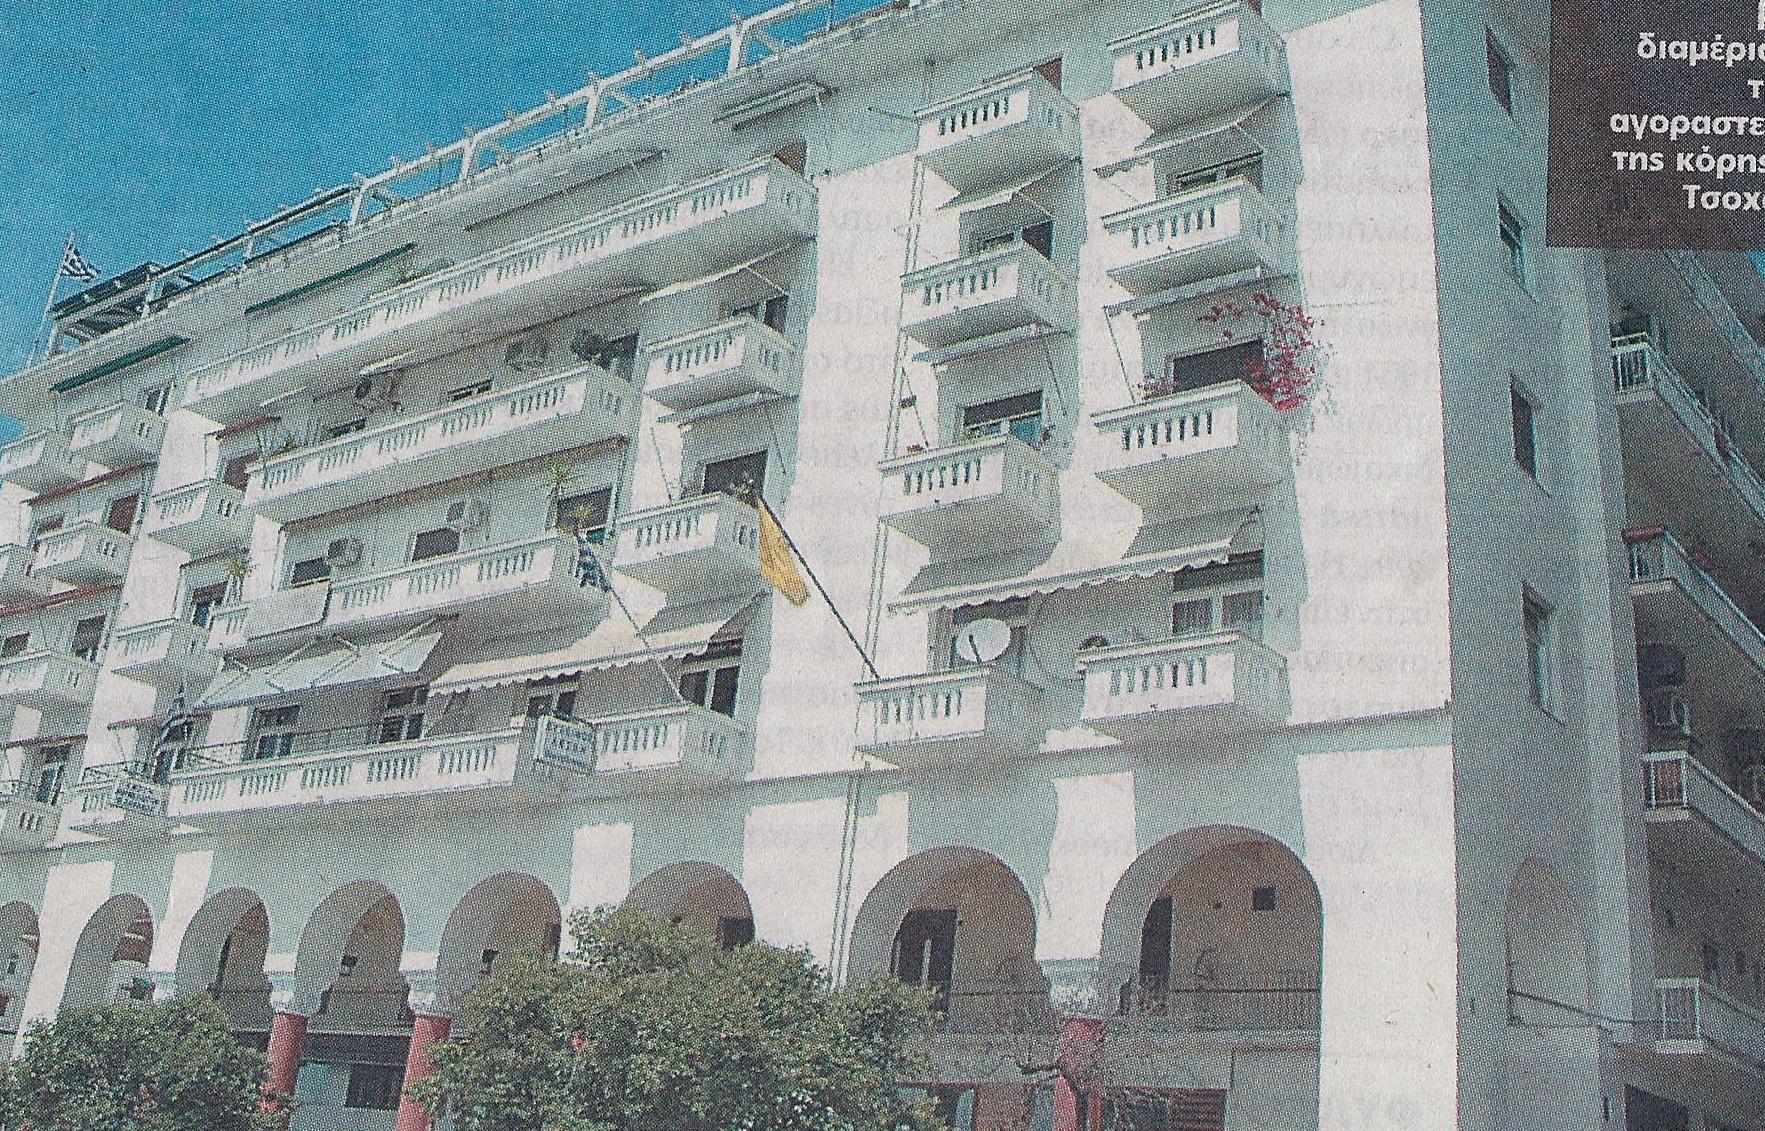 Το σπίτι στην παραλία της Θεσσαλονίκης